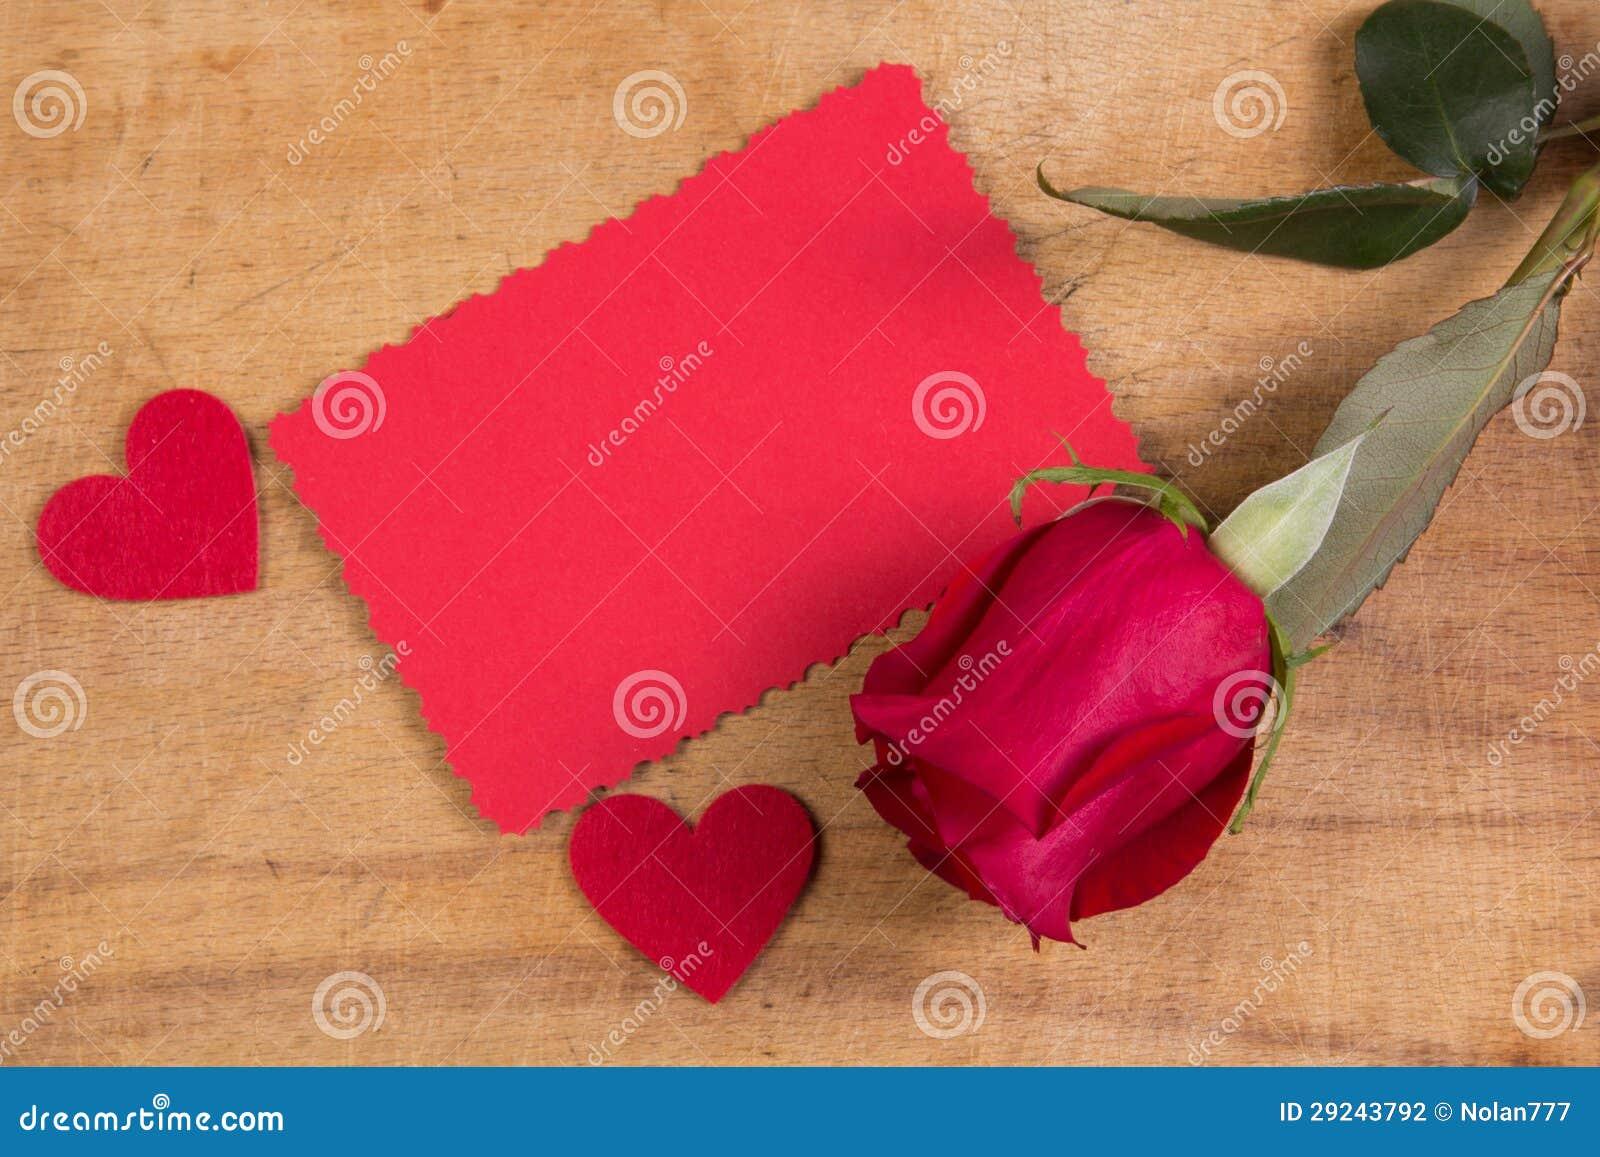 Download Rosa e cartão do vermelho foto de stock. Imagem de romântico - 29243792